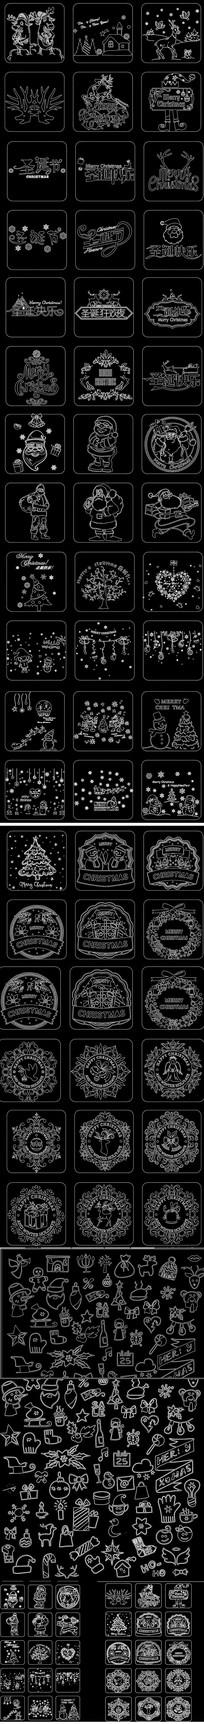 圣诞老人 圣诞节CAD图库